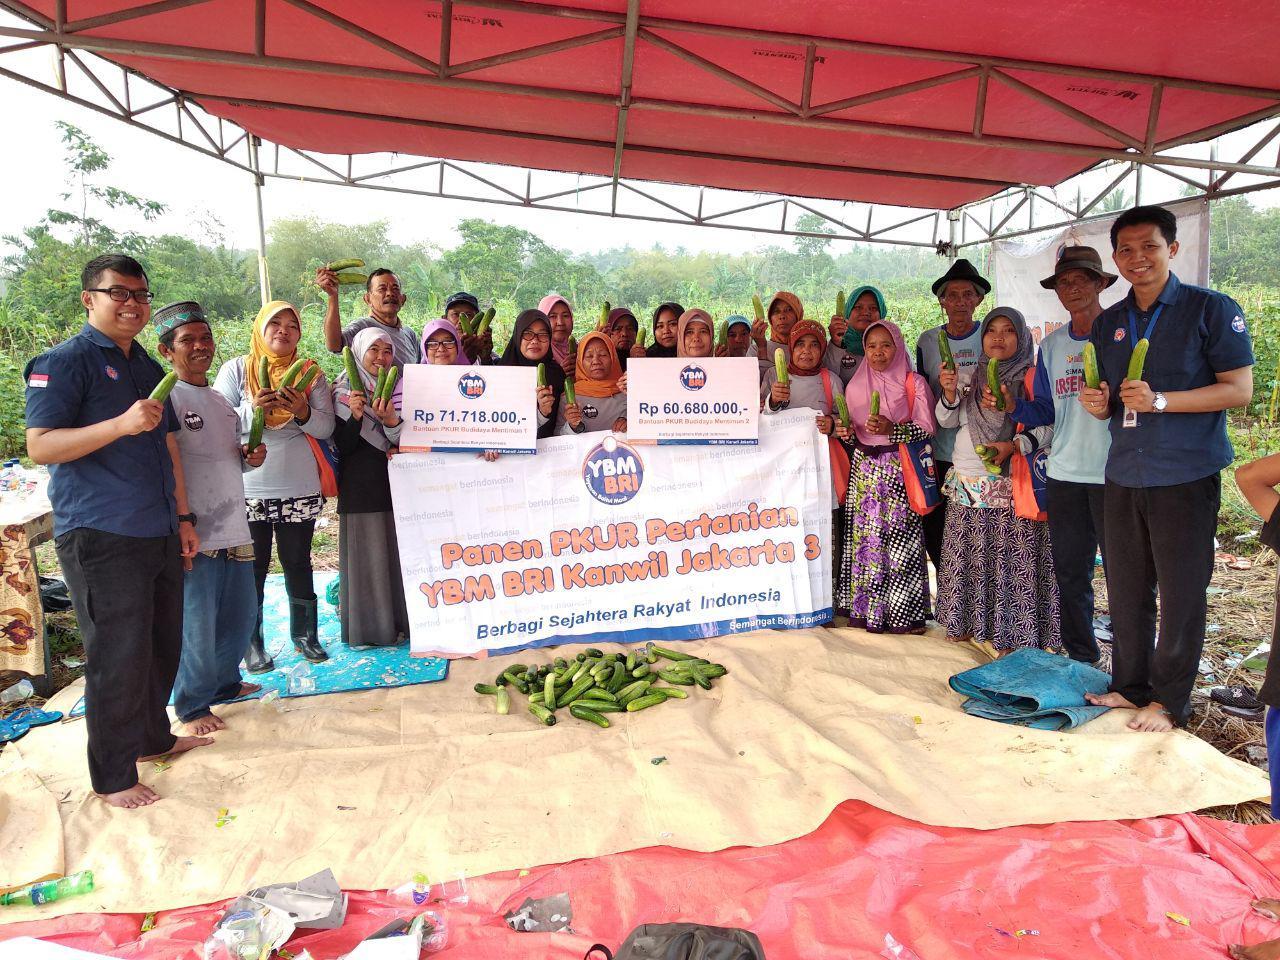 Launching dan Panen PKUR YBM BRI Kanwil Jakarta 3